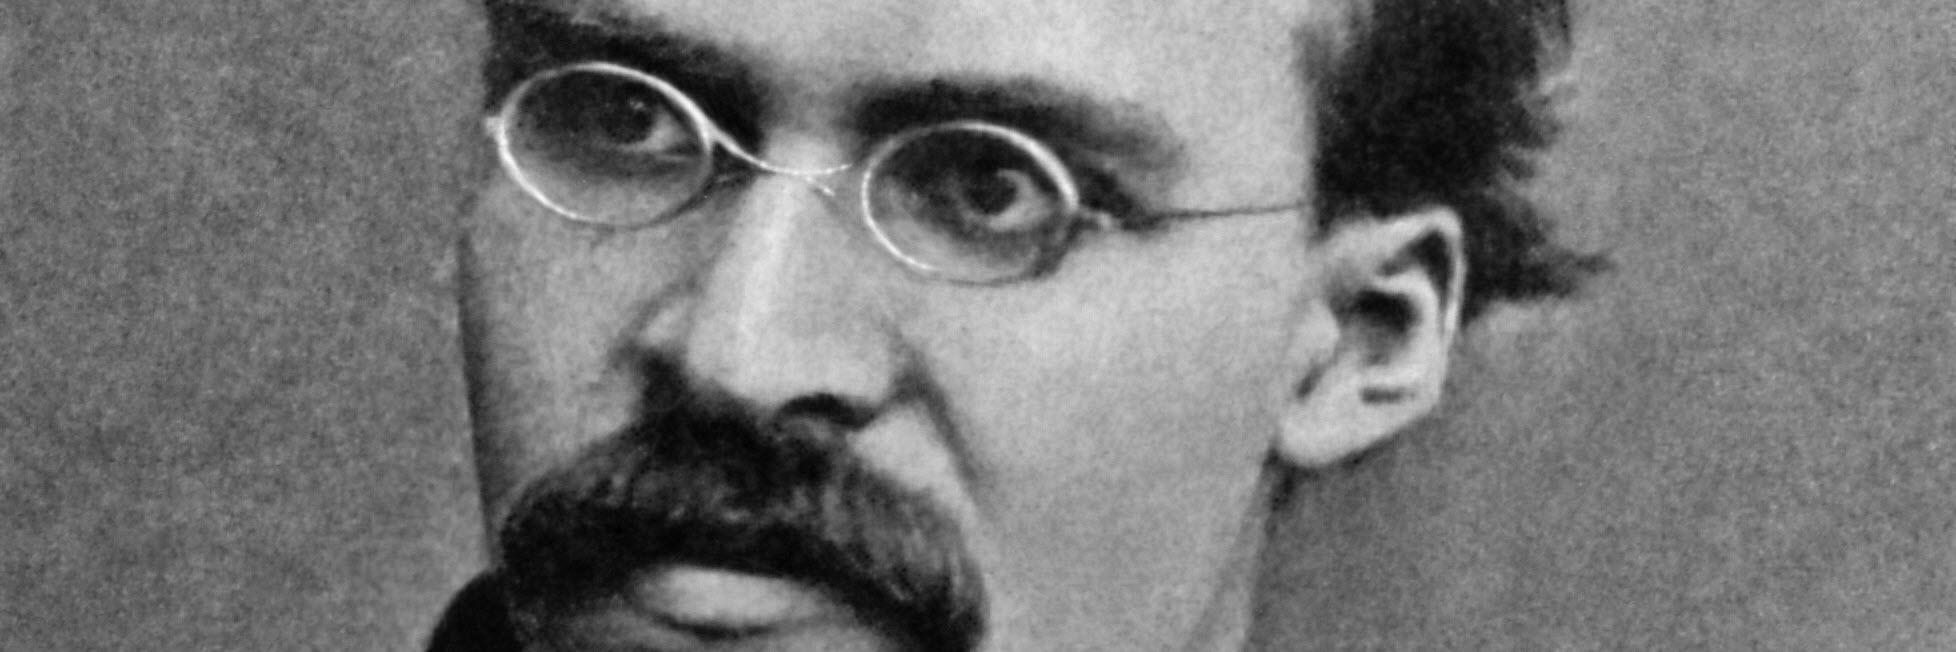 Nietzsche-b.jpg